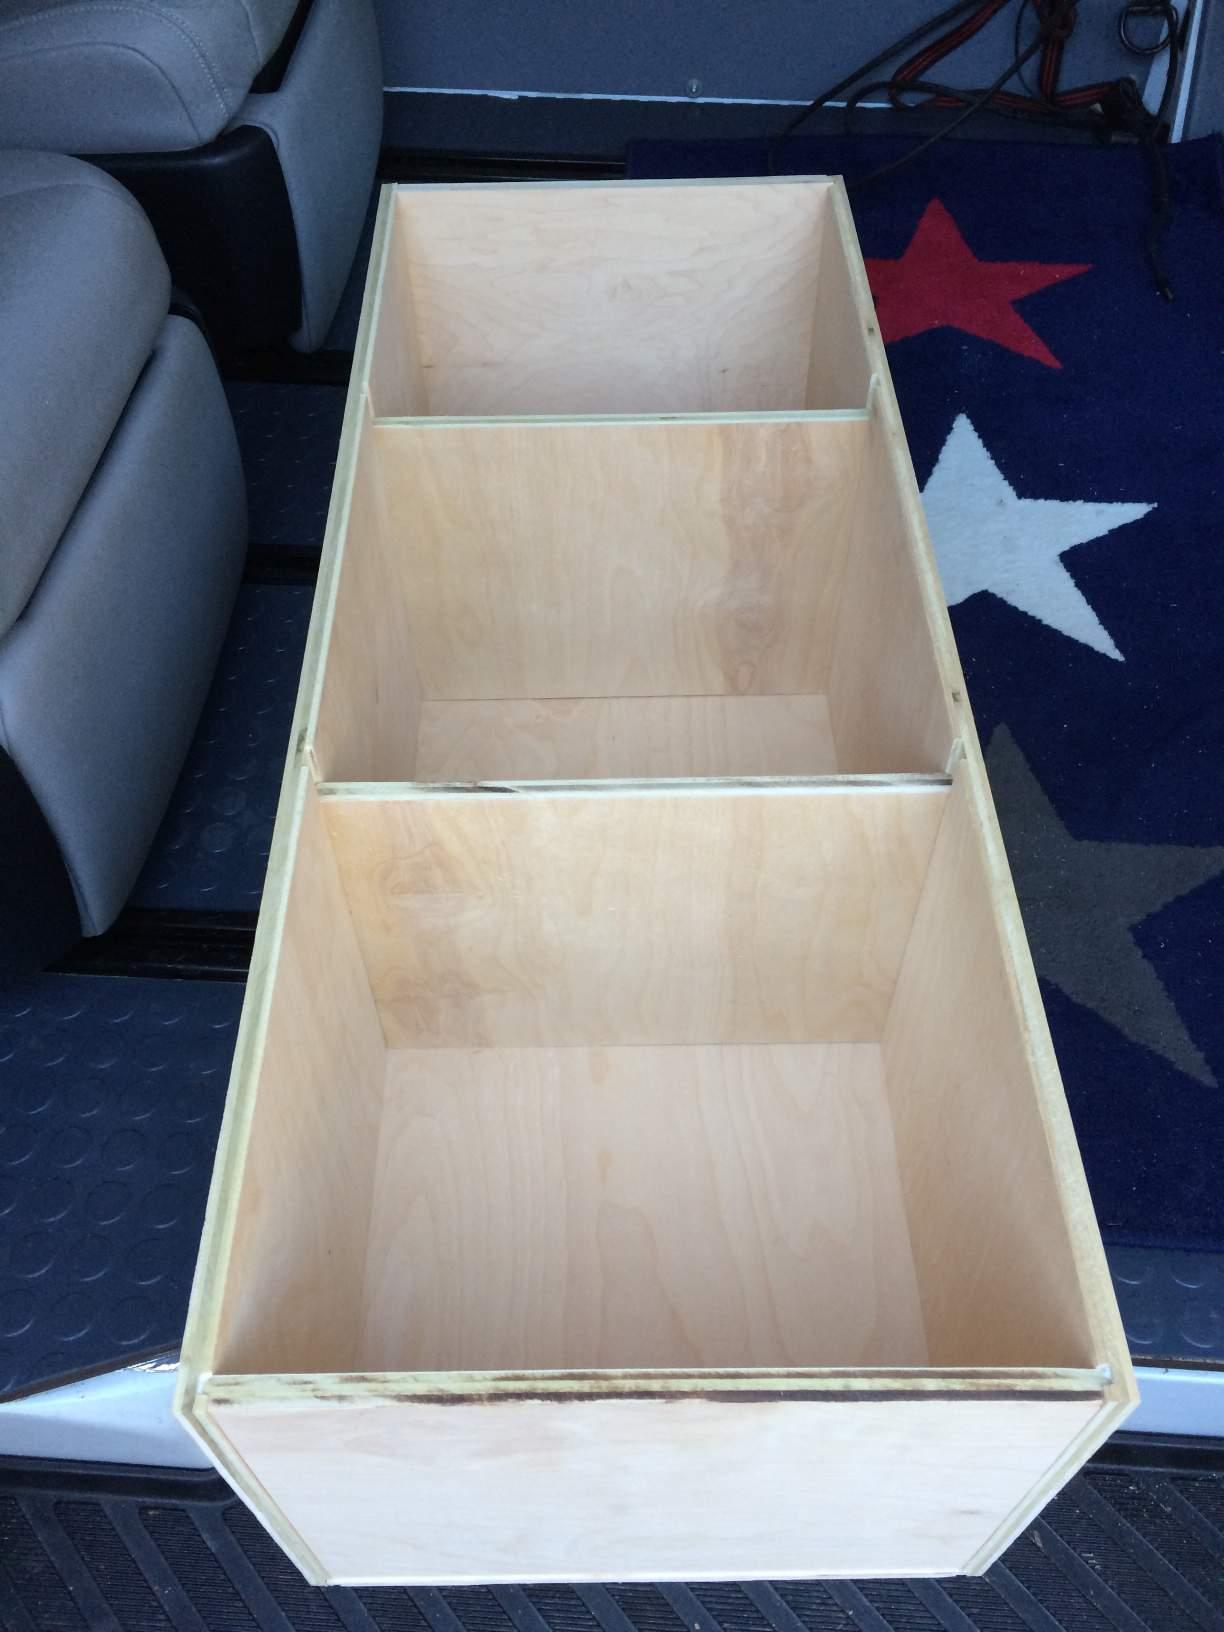 Heavy Duty Storage Drawers For Sprinter Vans Sprinter Camper